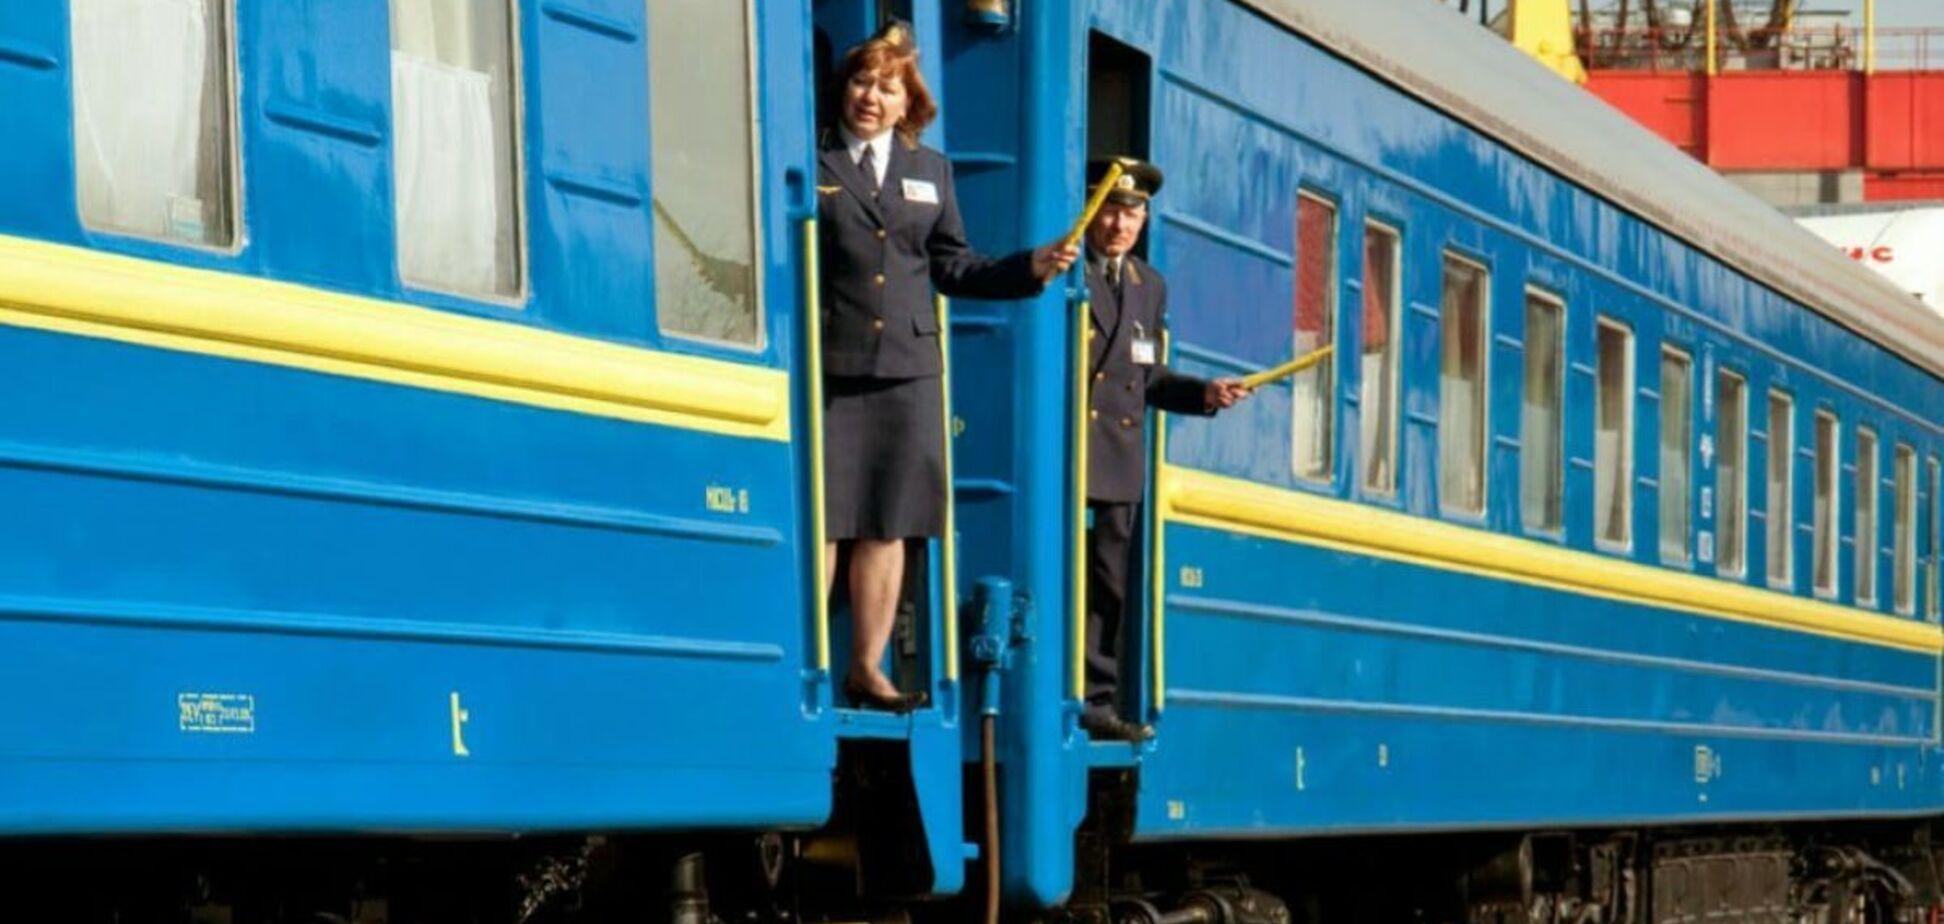 'Залучити до відповідальності': у Кременчуці залізничники влаштували страйк